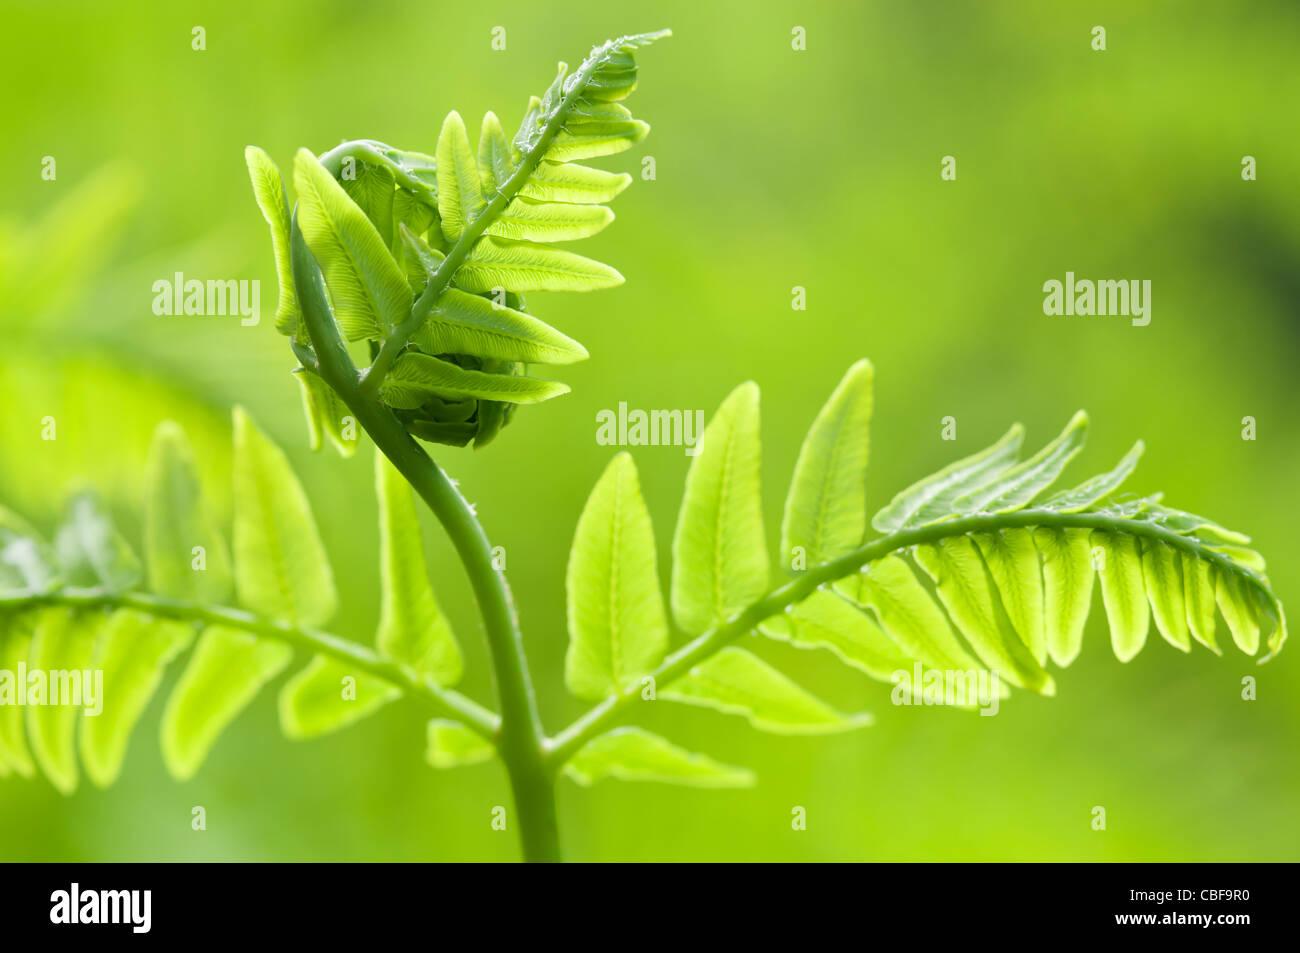 Osmunda regalis, Fern leaf déployant, Vert l'objet, fond vert. Photo Stock